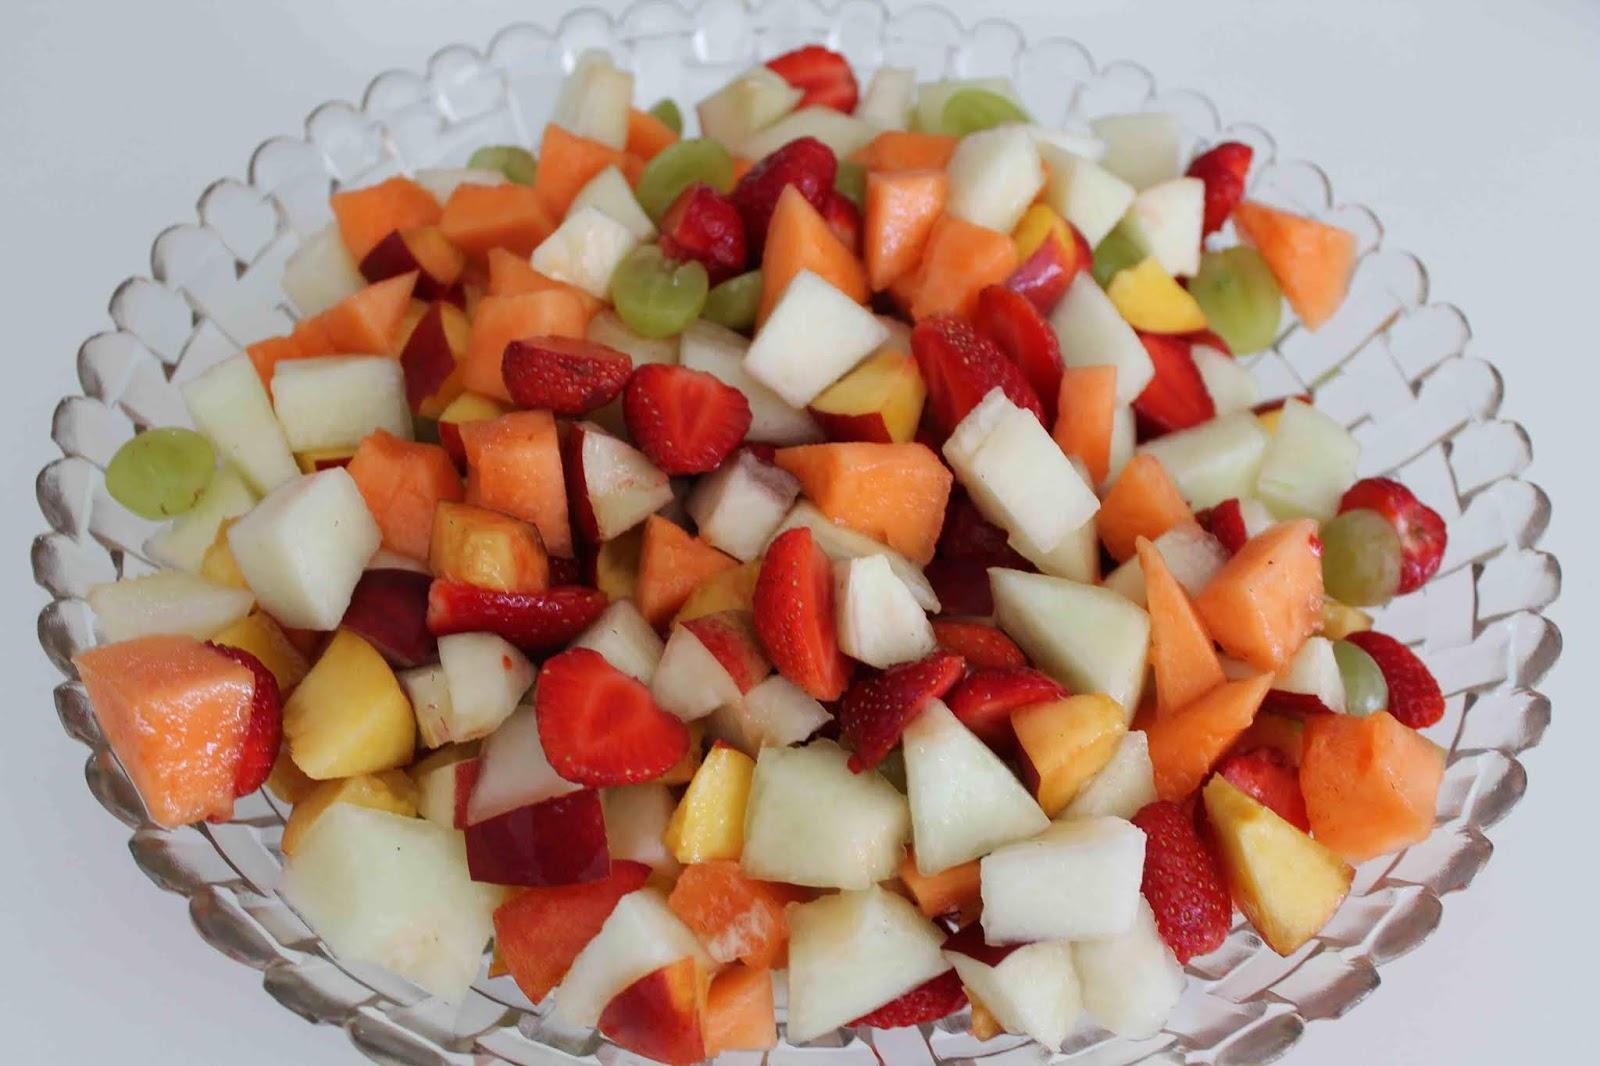 Sommarfruktsallad